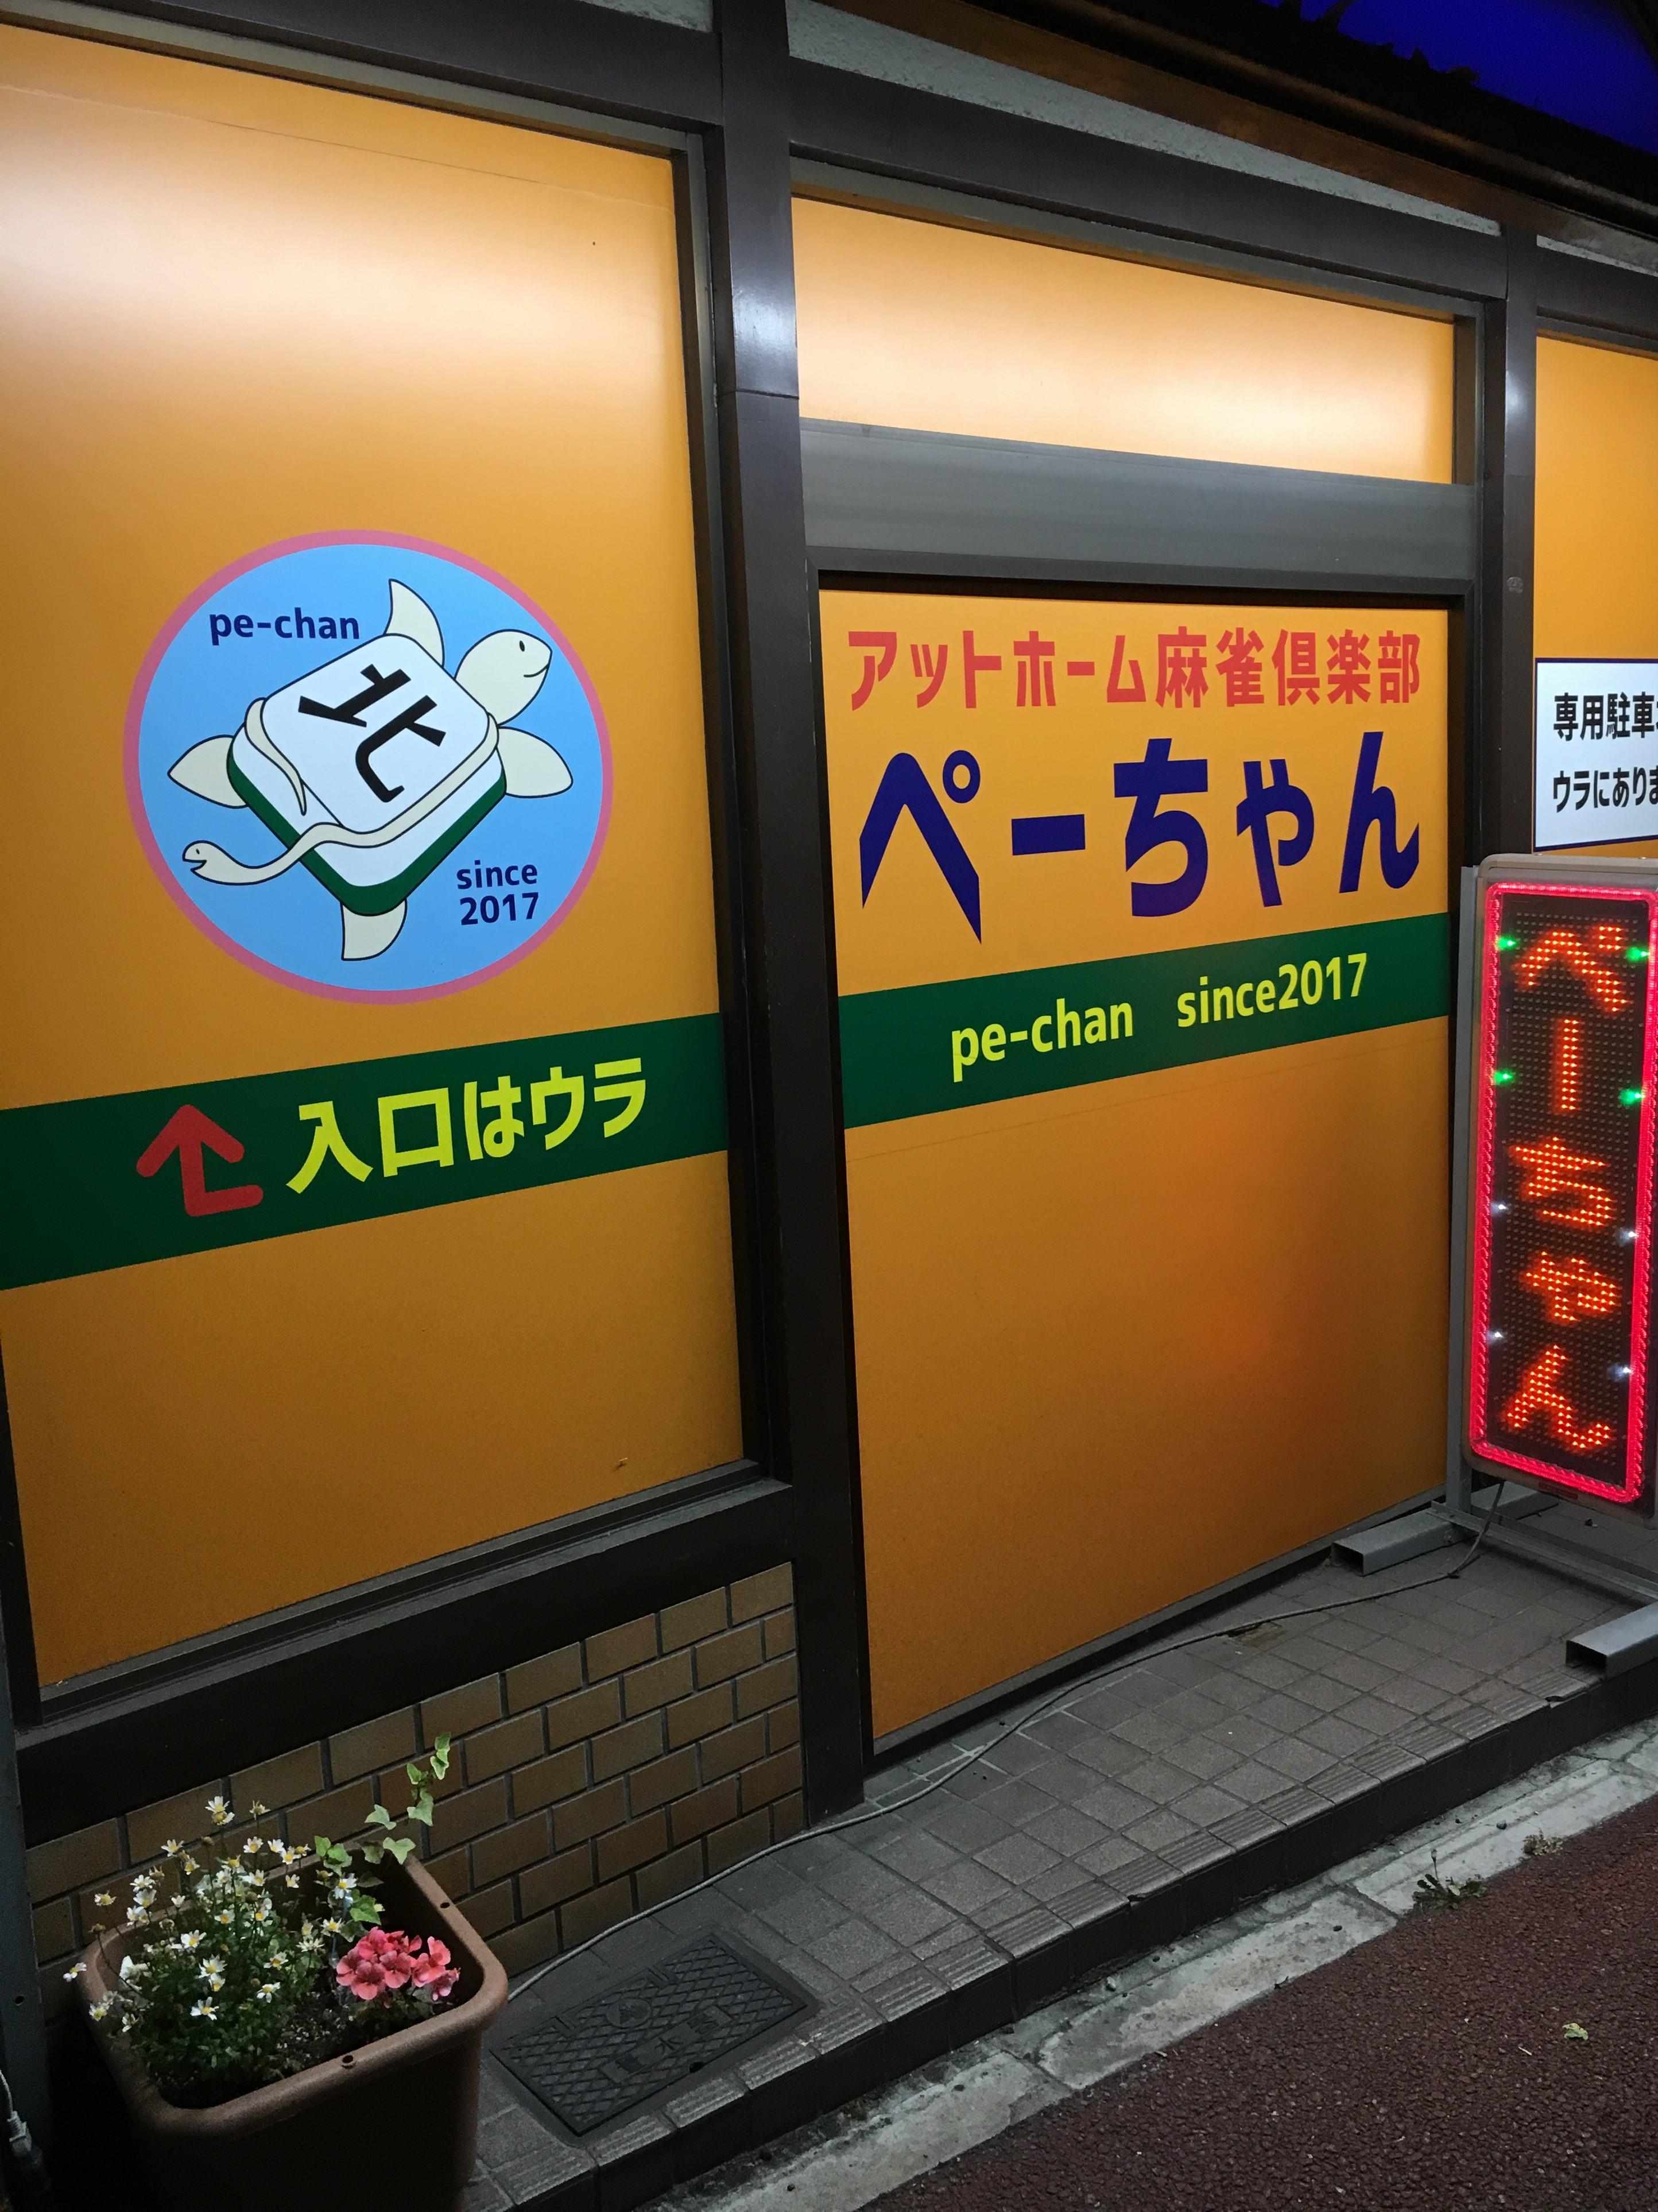 雀荘 アットホーム麻雀倶楽部ぺーちゃんの写真